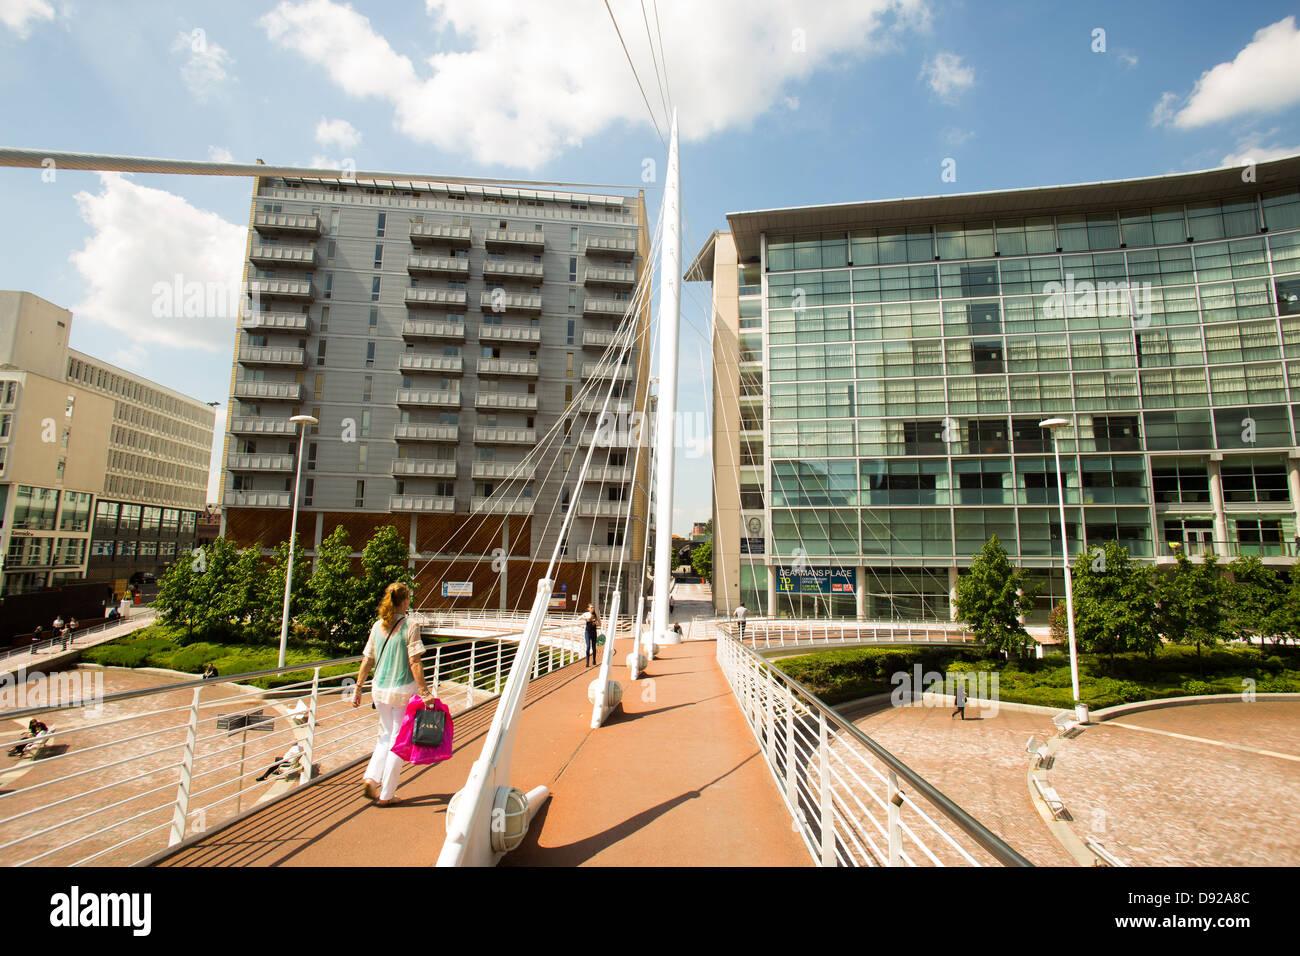 Trinity Pont sur la rivière Irwell, Manchester. Photo prise à l'égard Lowry Hotel , Salford Photo Stock